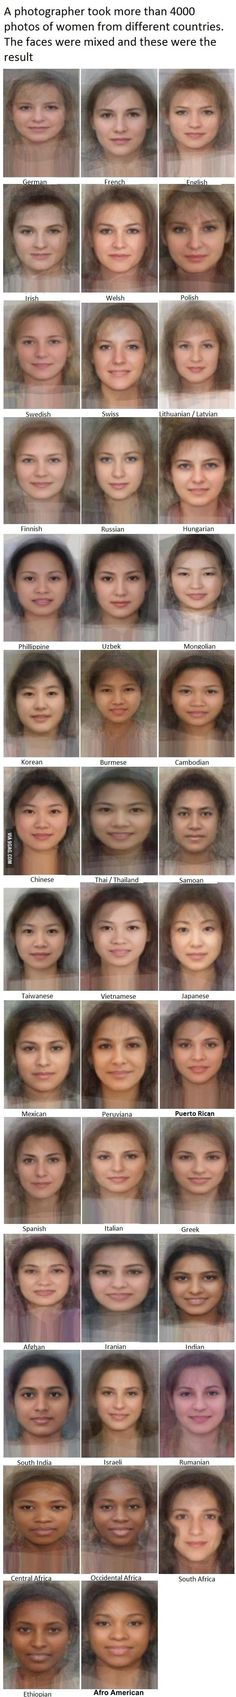 Média nacional de rostos femininos.